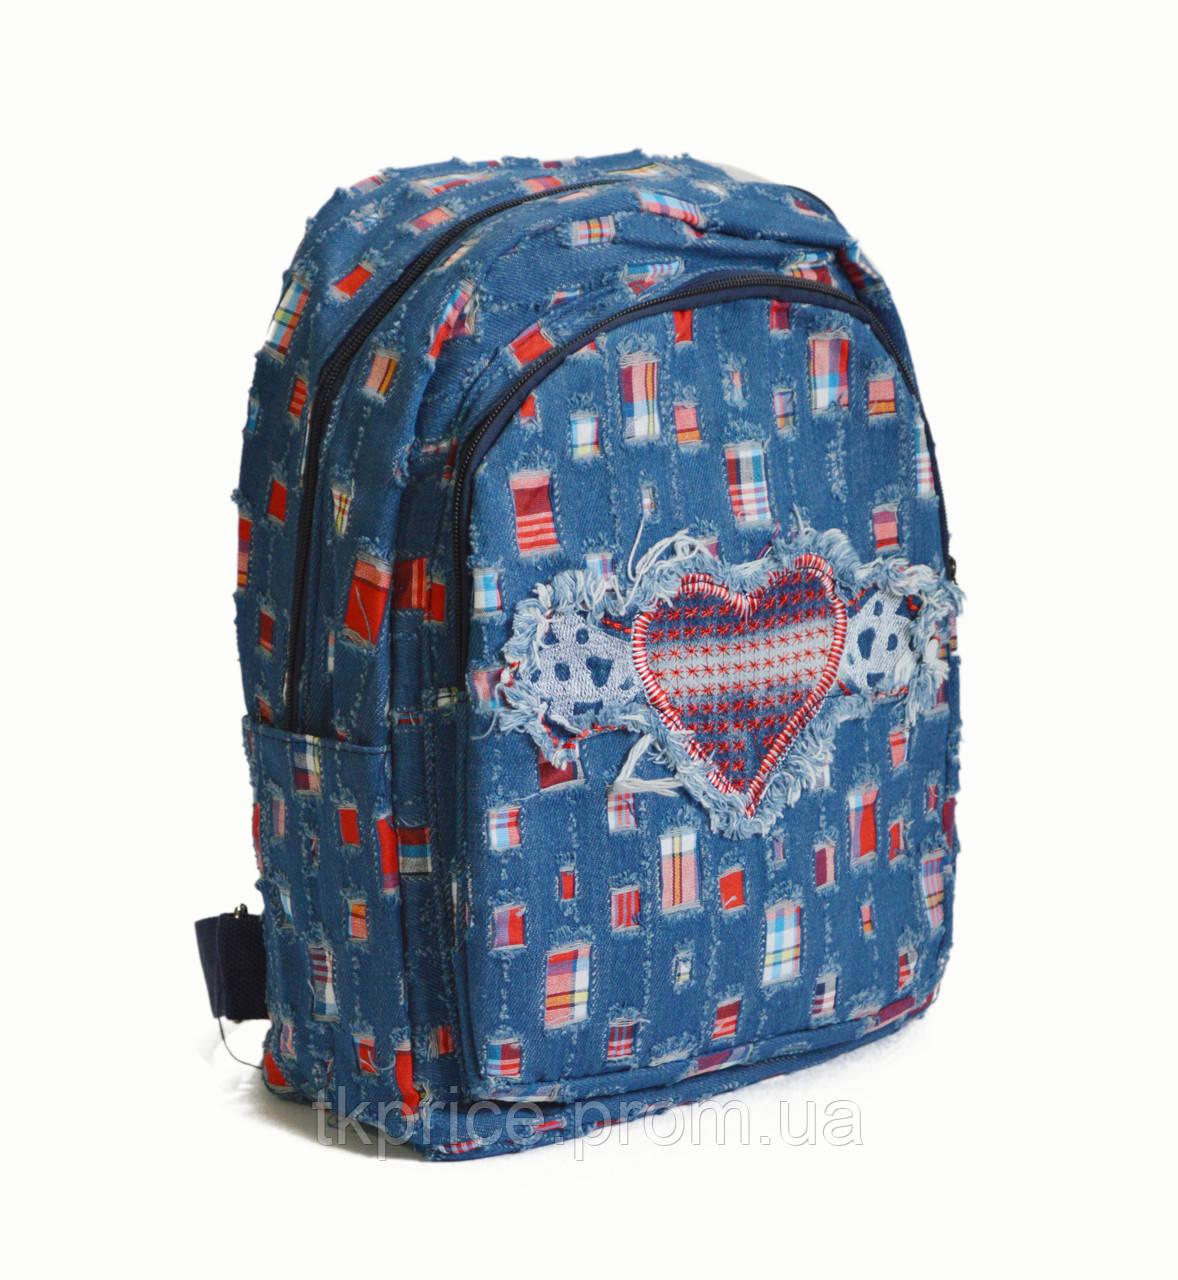 Джинсовый  рюкзак для школы и прогулок с сердечком